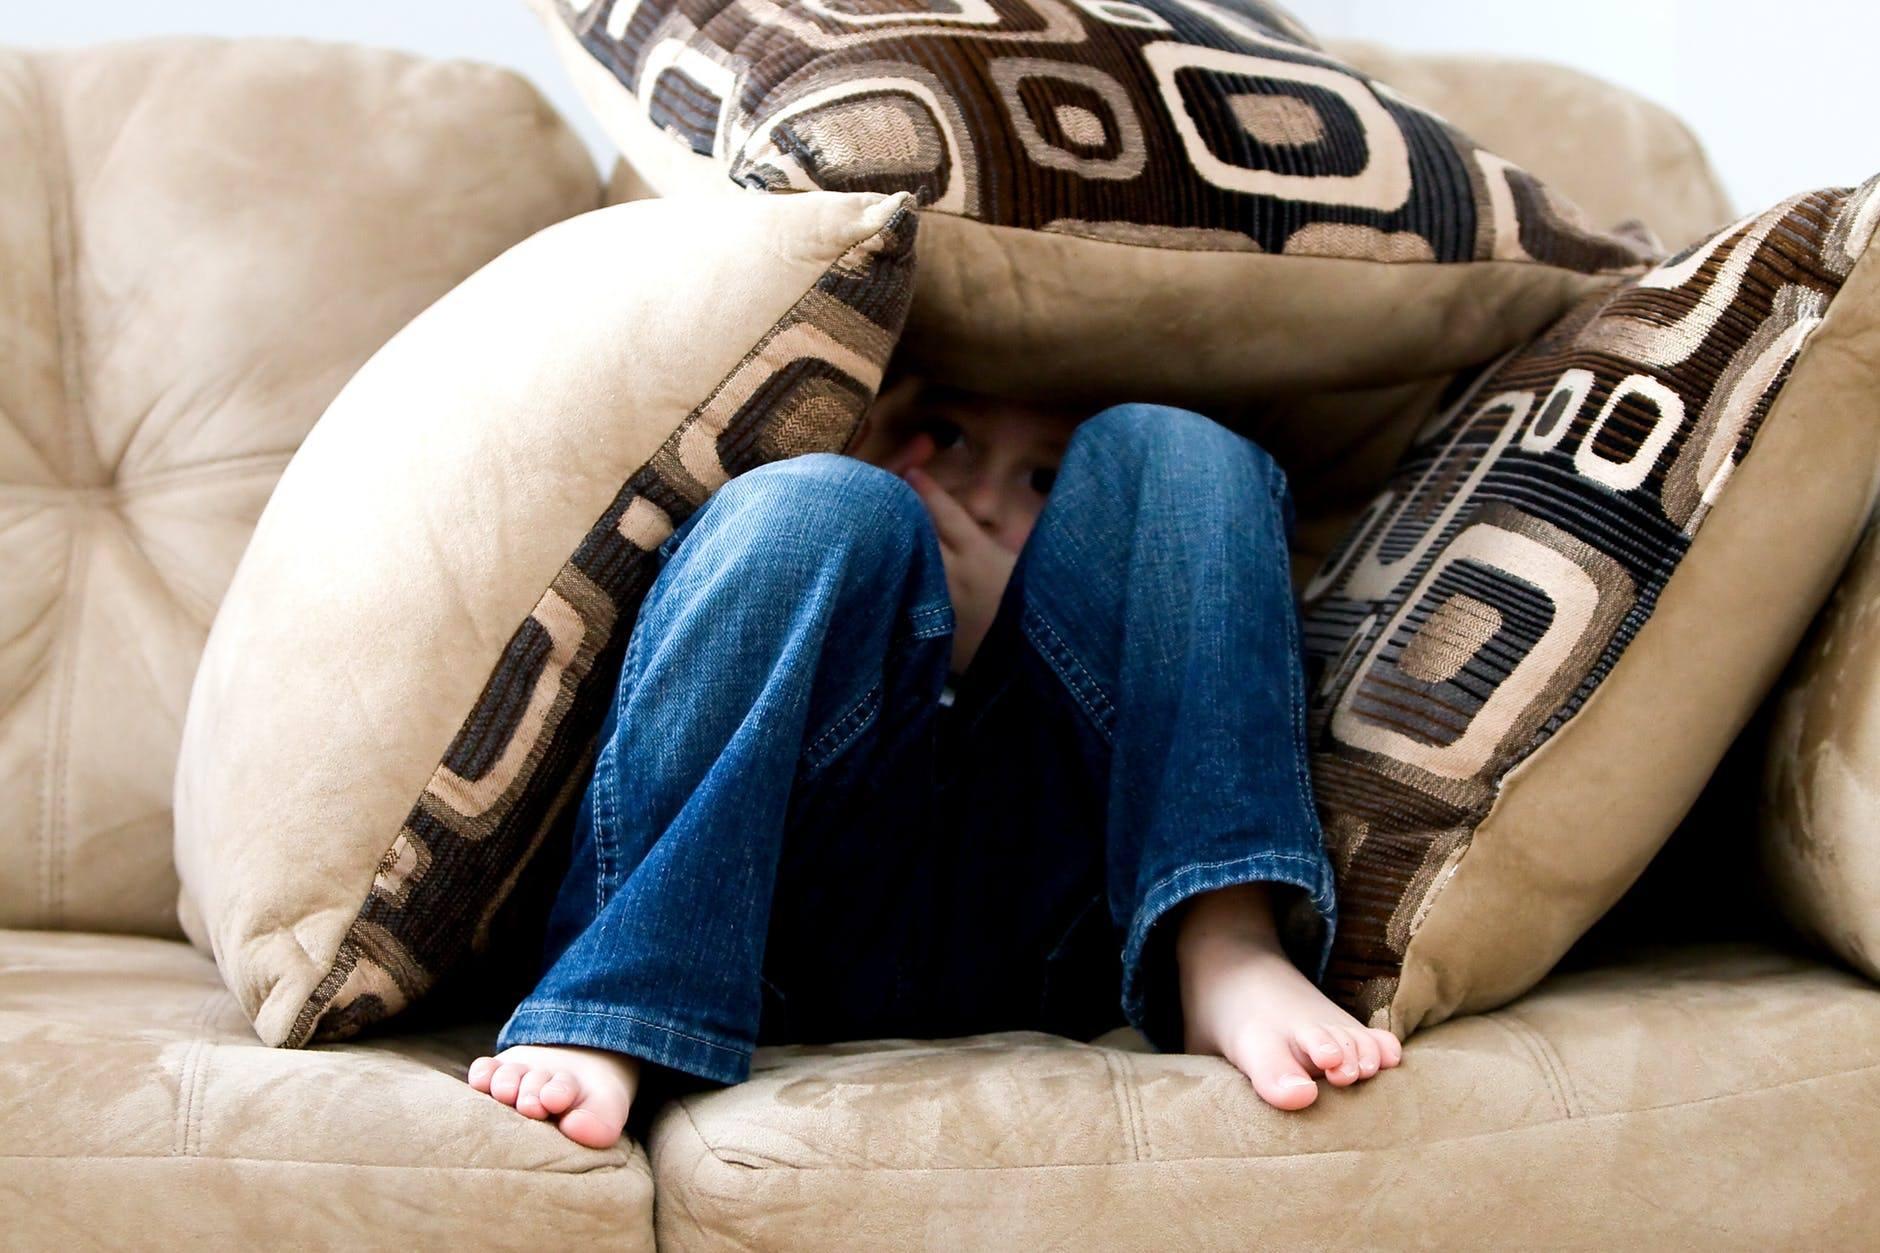 hiding under pillows